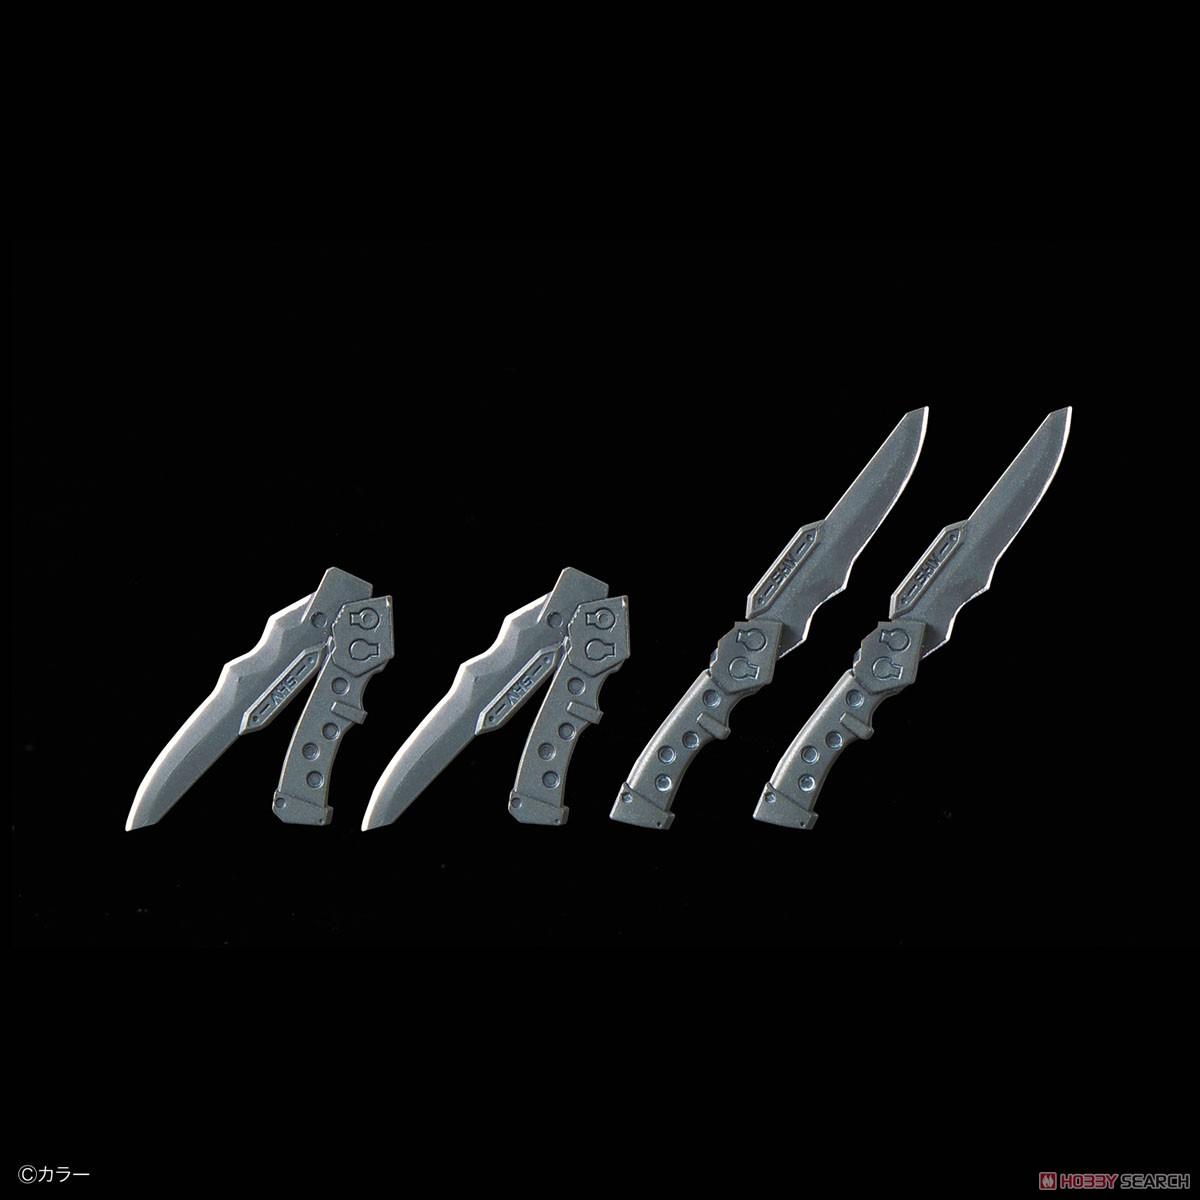 【8月再販】RG『汎用ヒト型決戦兵器 人造人間エヴァンゲリオン初号機』プラモデル-013